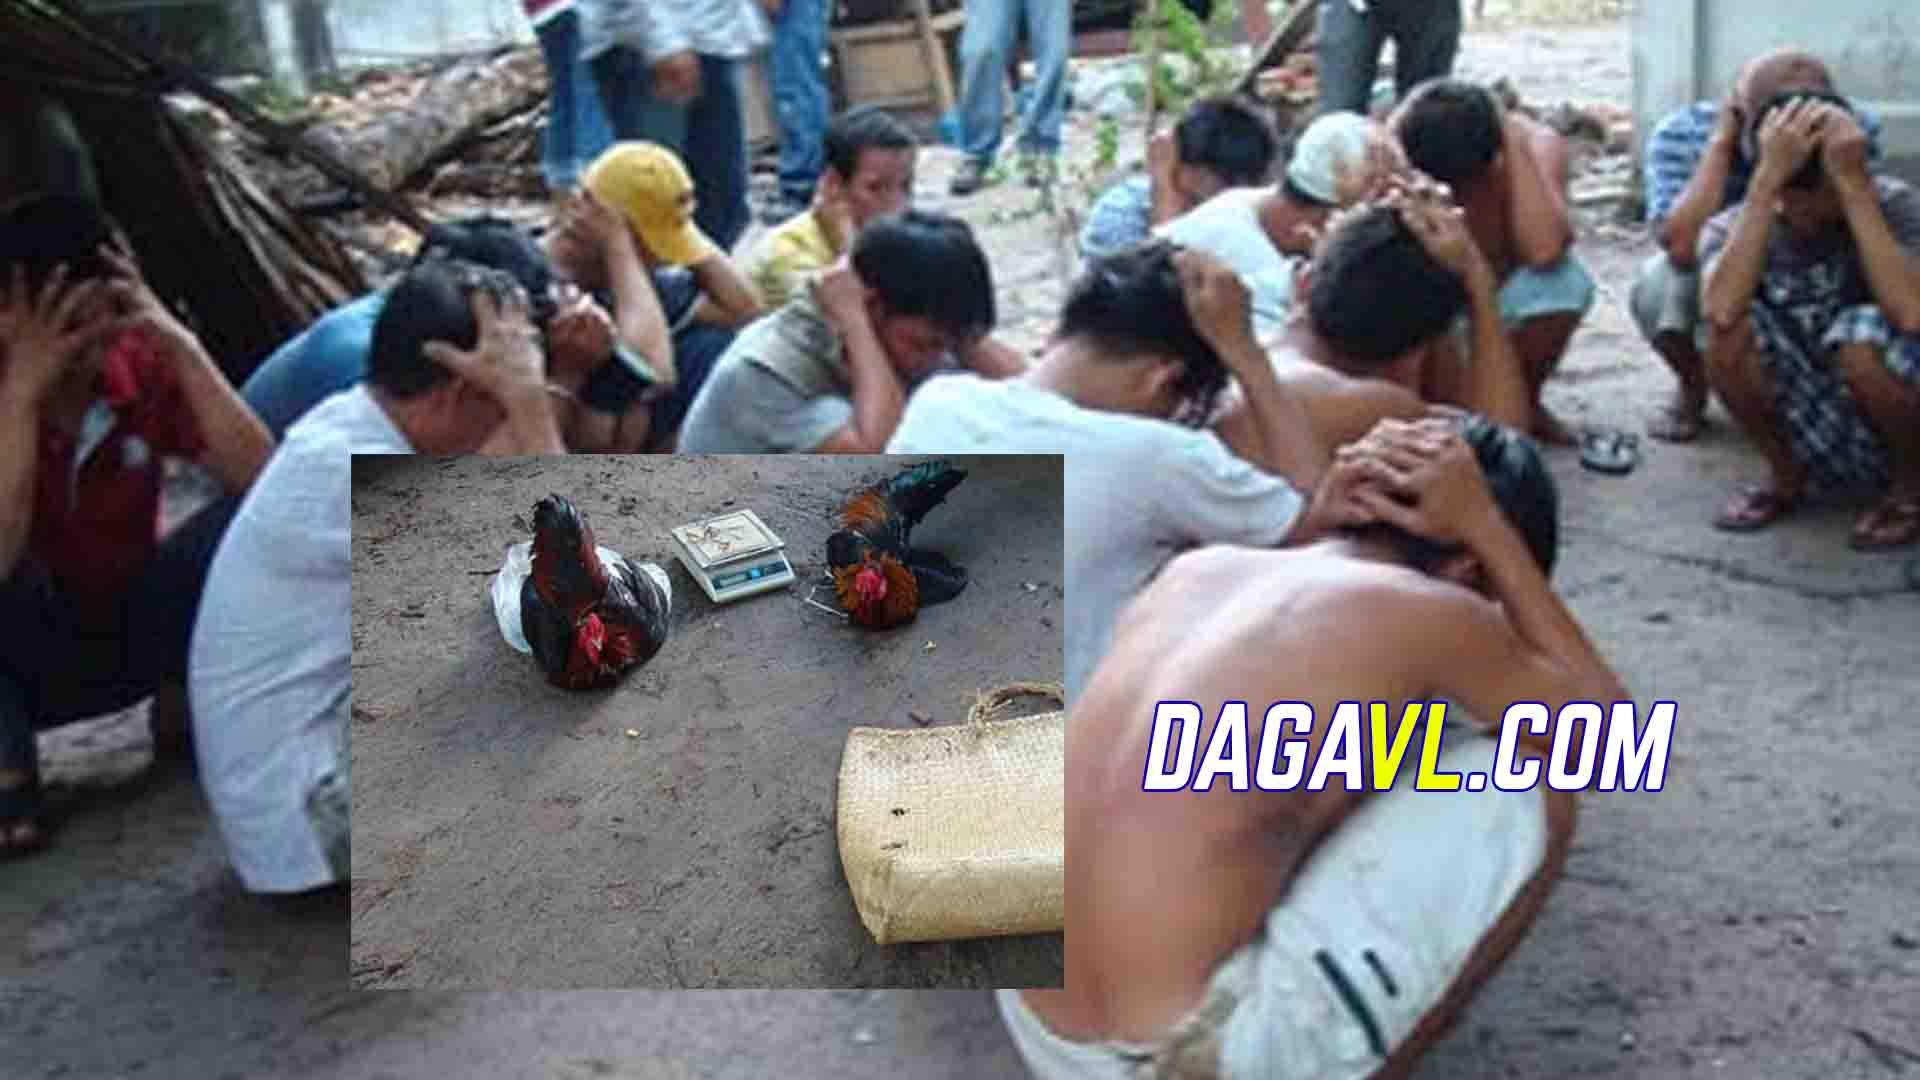 DAGAVL.COM - Cả nhà đá gà bị bắt vì đá gà